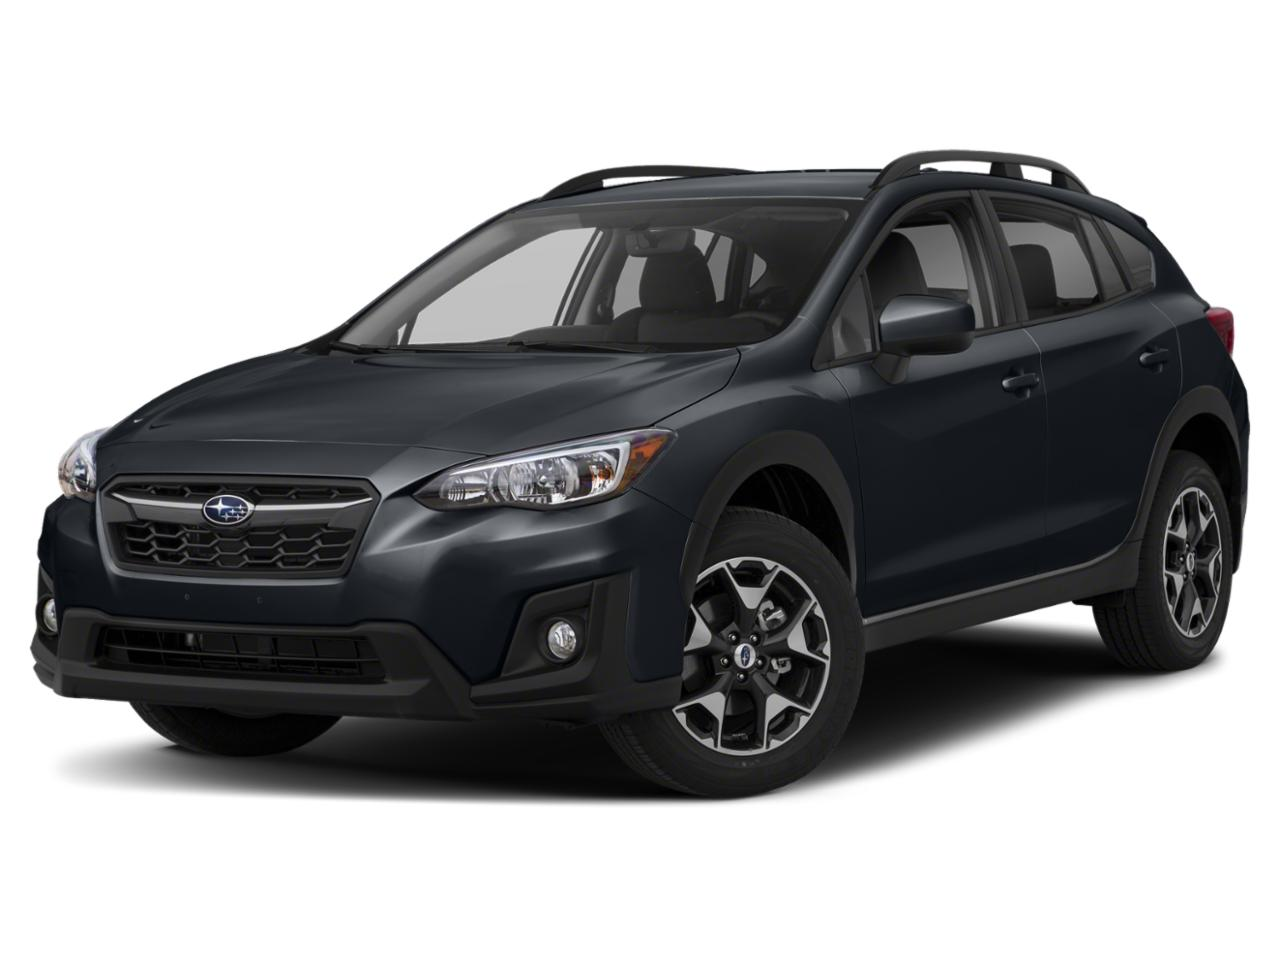 2019 Subaru Crosstrek Vehicle Photo in Tucson, AZ 85712